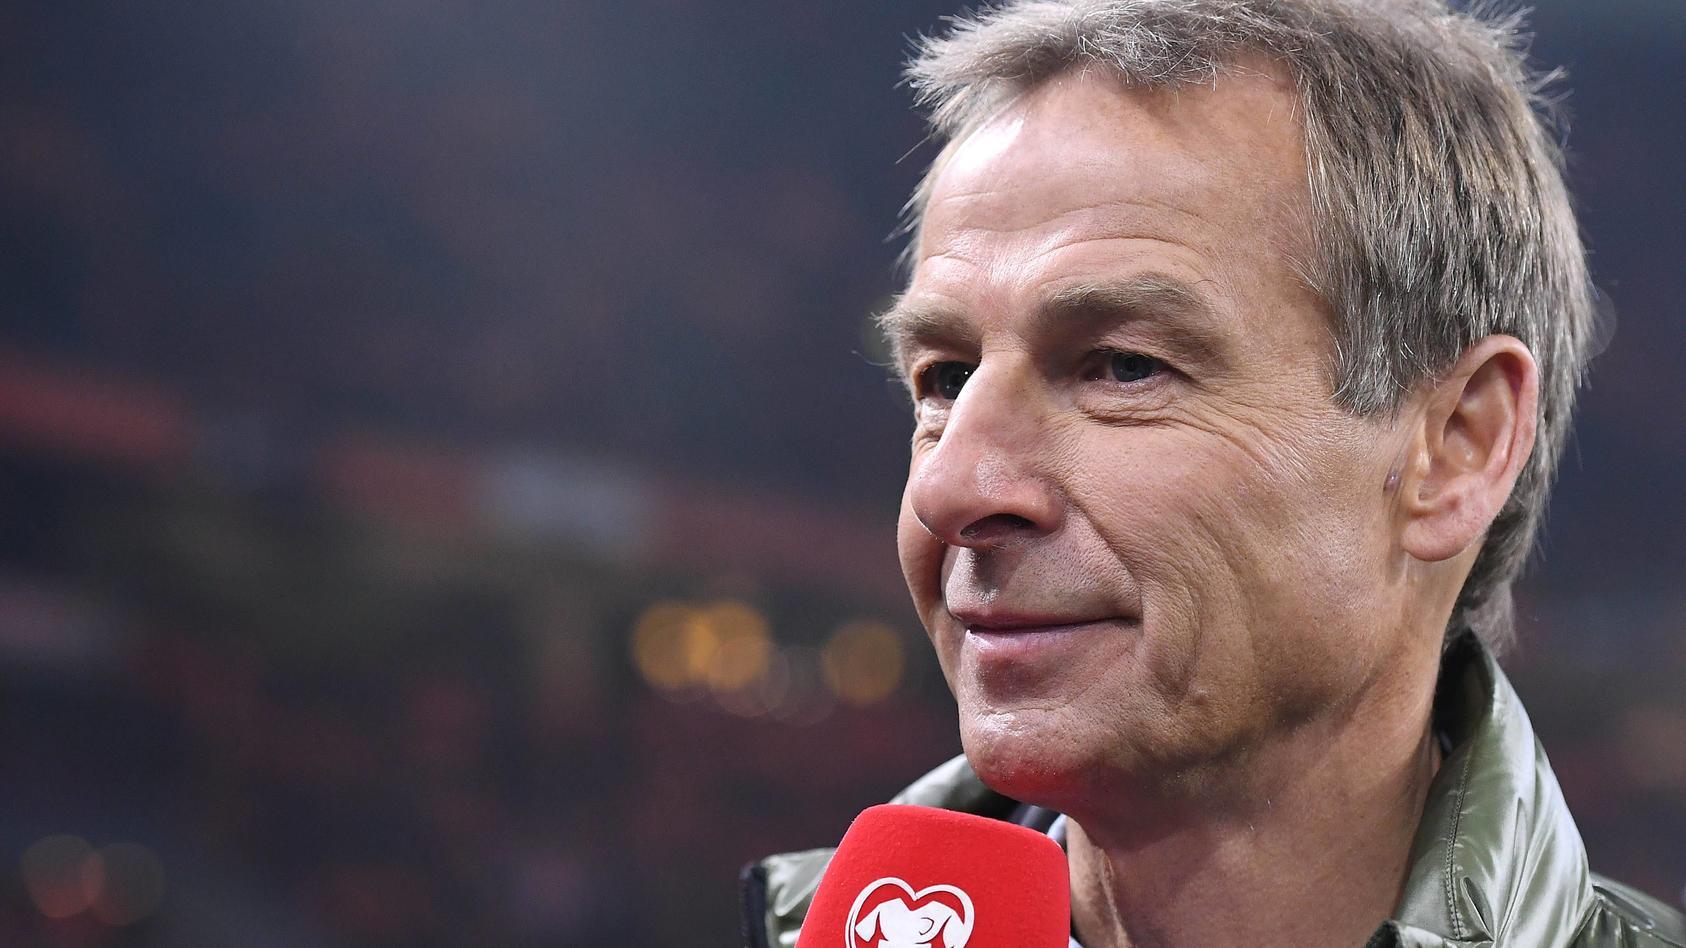 Fußball EM Qualifikation Niederlande Deutschland am 24 03 2019 in der Johan Cruyff ArenA in Amster